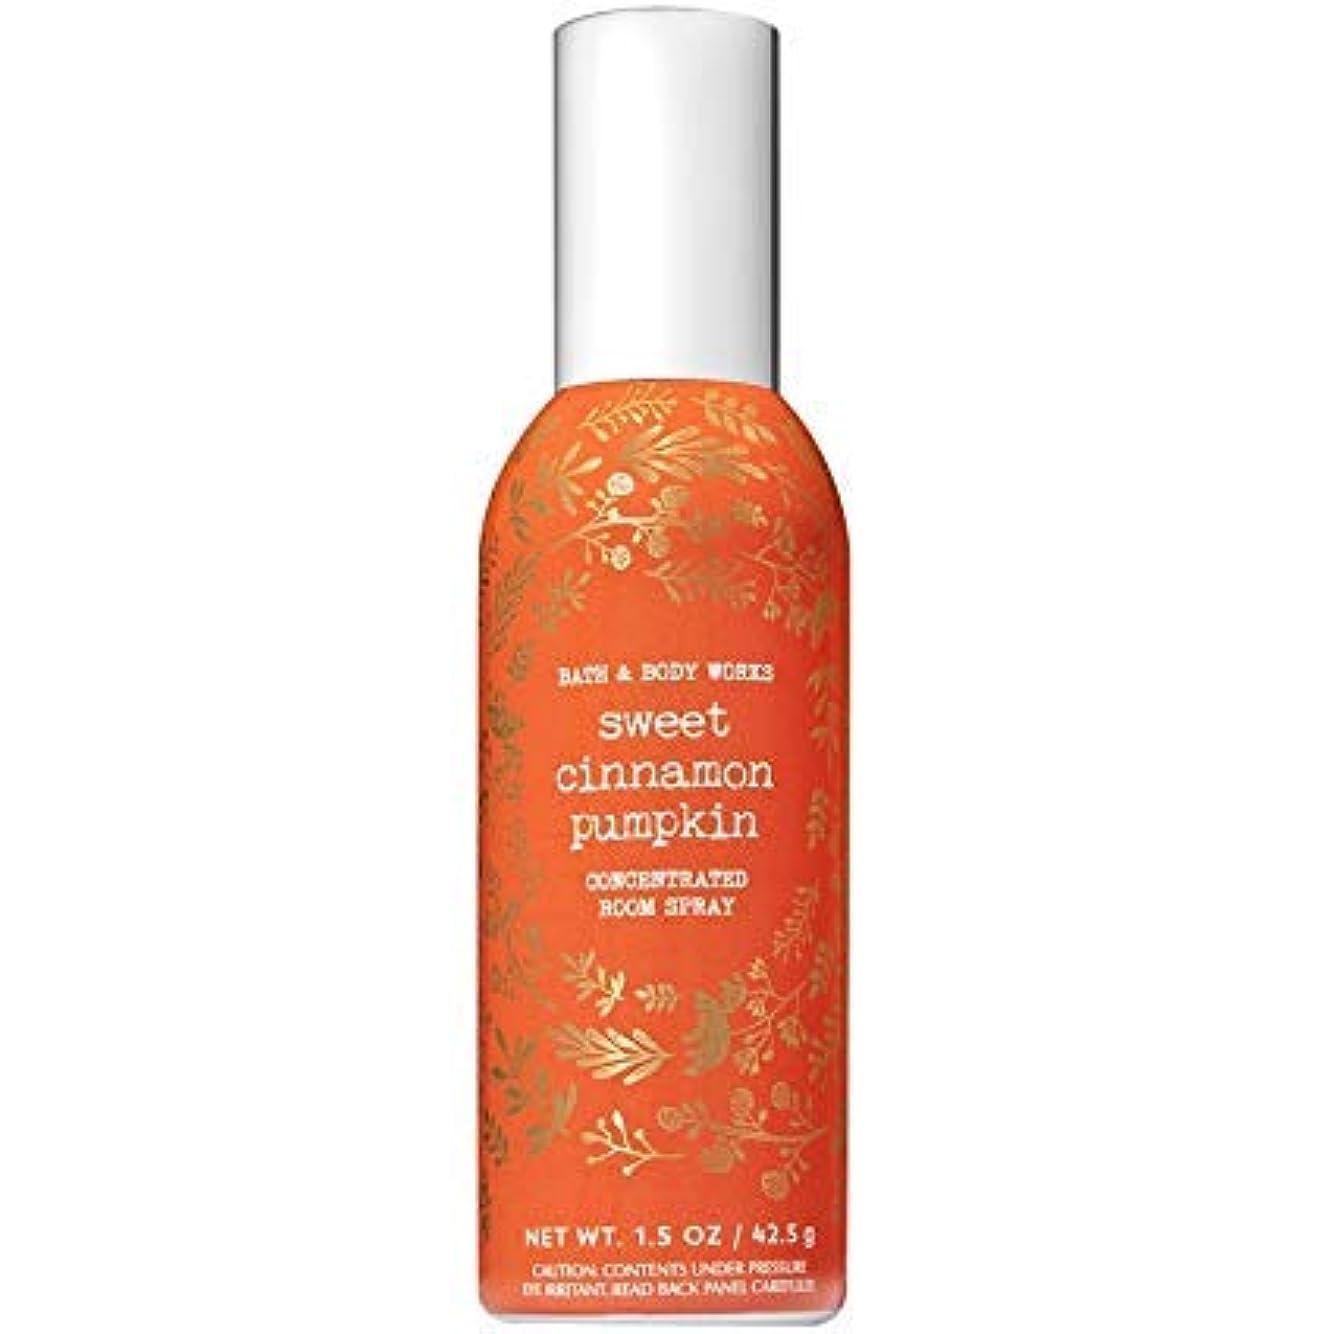 クリーナー脱獄証明書【Bath&Body Works/バス&ボディワークス】 ルームスプレー スイートシナモンパンプキン 1.5 oz. Concentrated Room Spray/Room Perfume Sweet Cinnamon Pumpkin [並行輸入品]